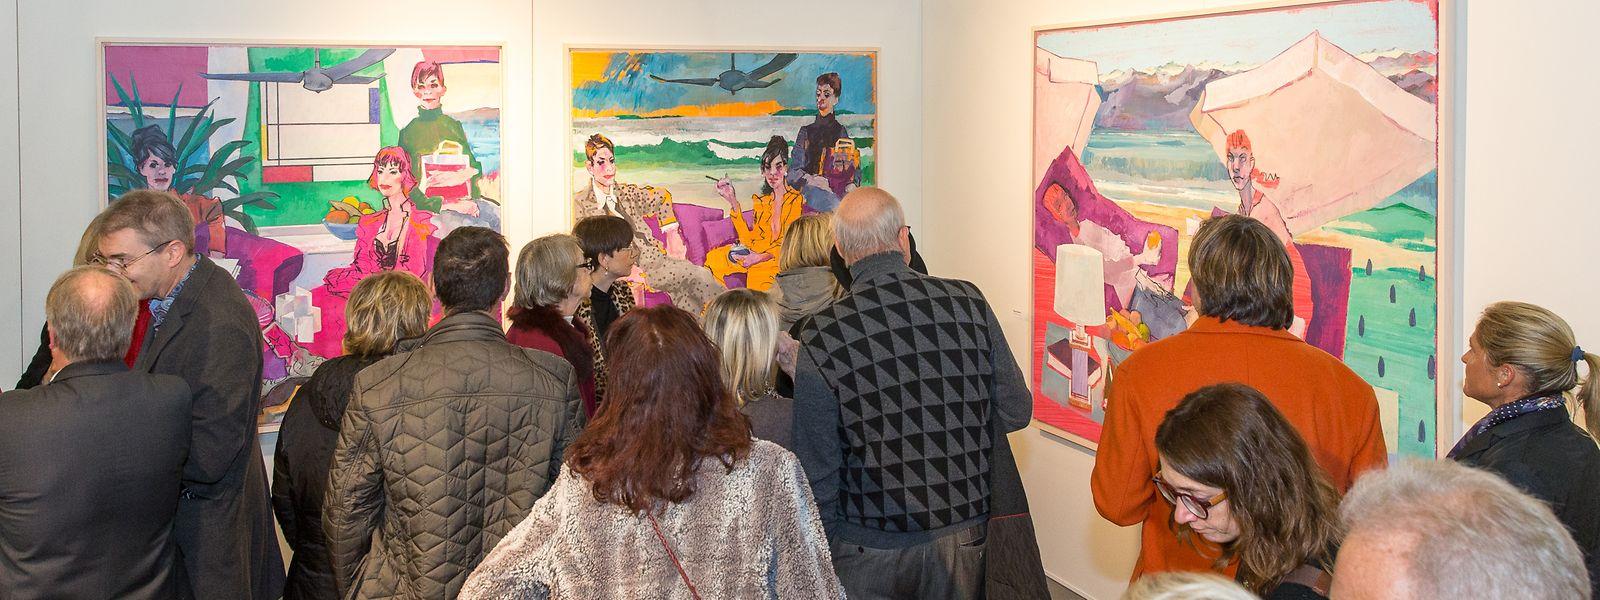 Gäste der Vernissage bewundern die Werke des diesjährigen Salon du Cercle artistique.